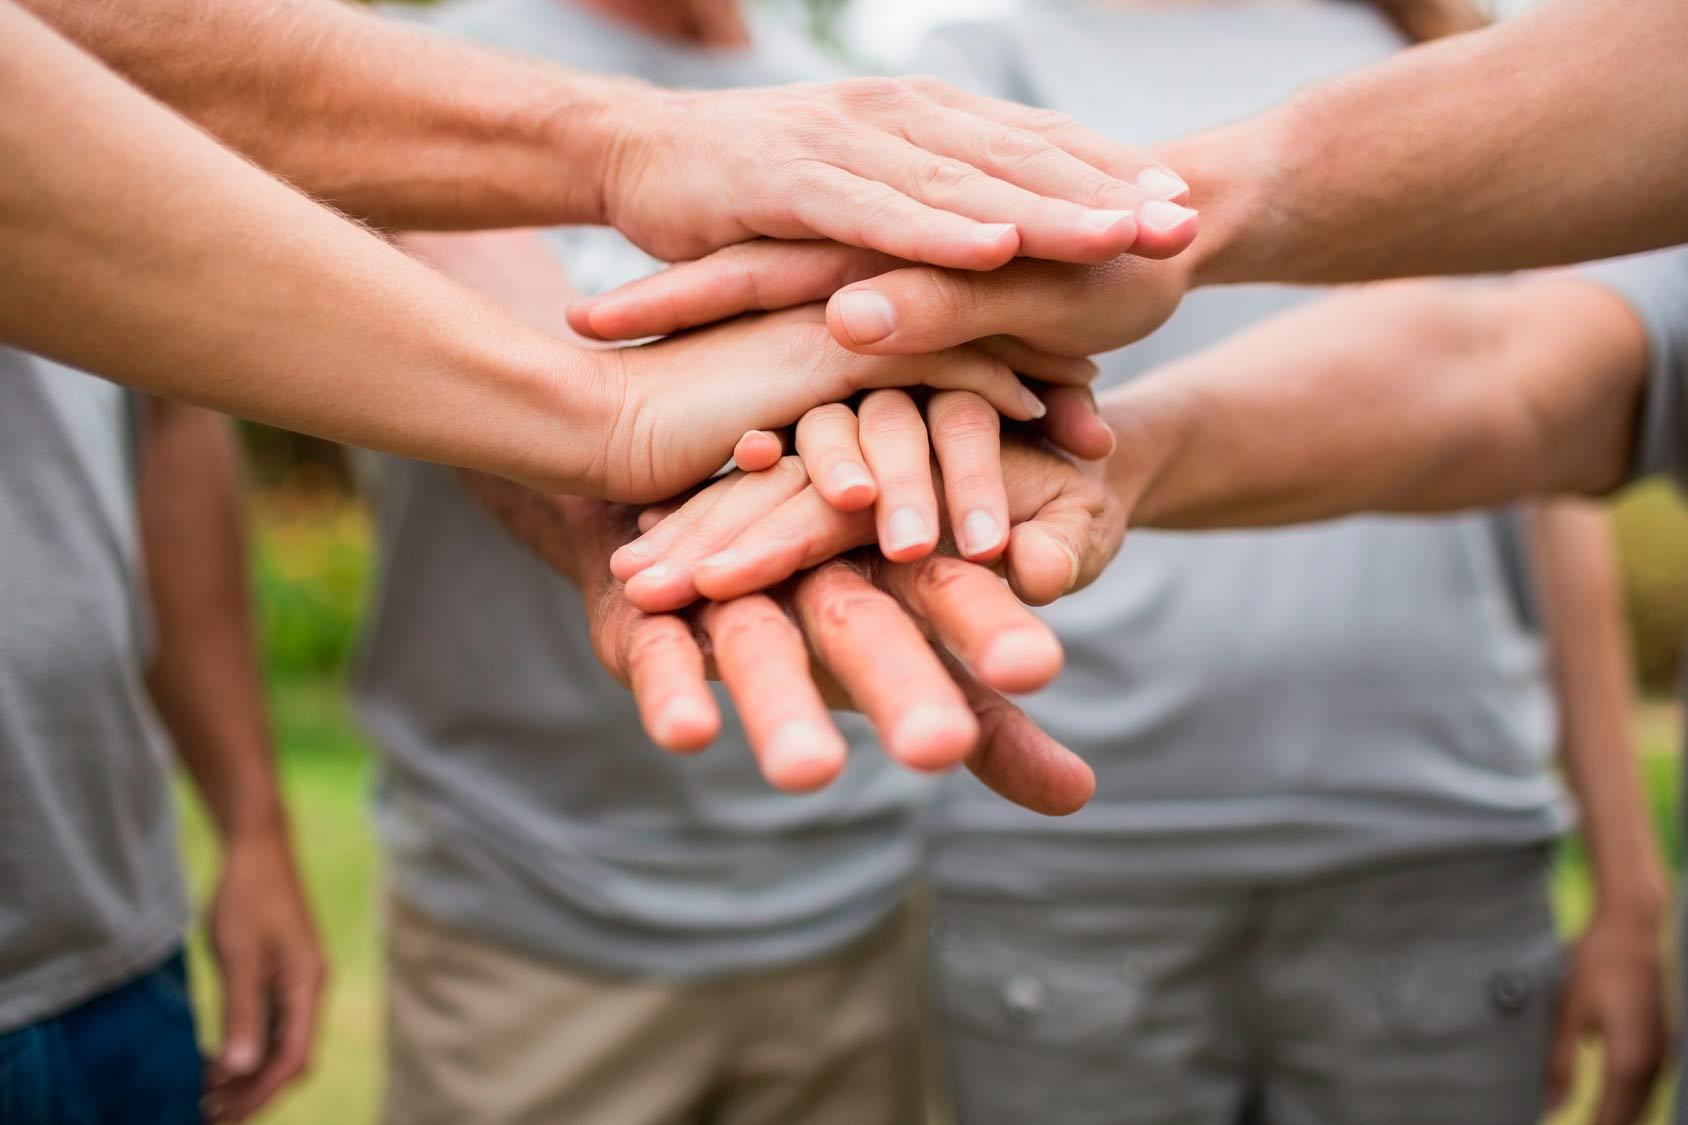 Vemos muchas manos que se agrupan unas a otras formando una  buena cantidad